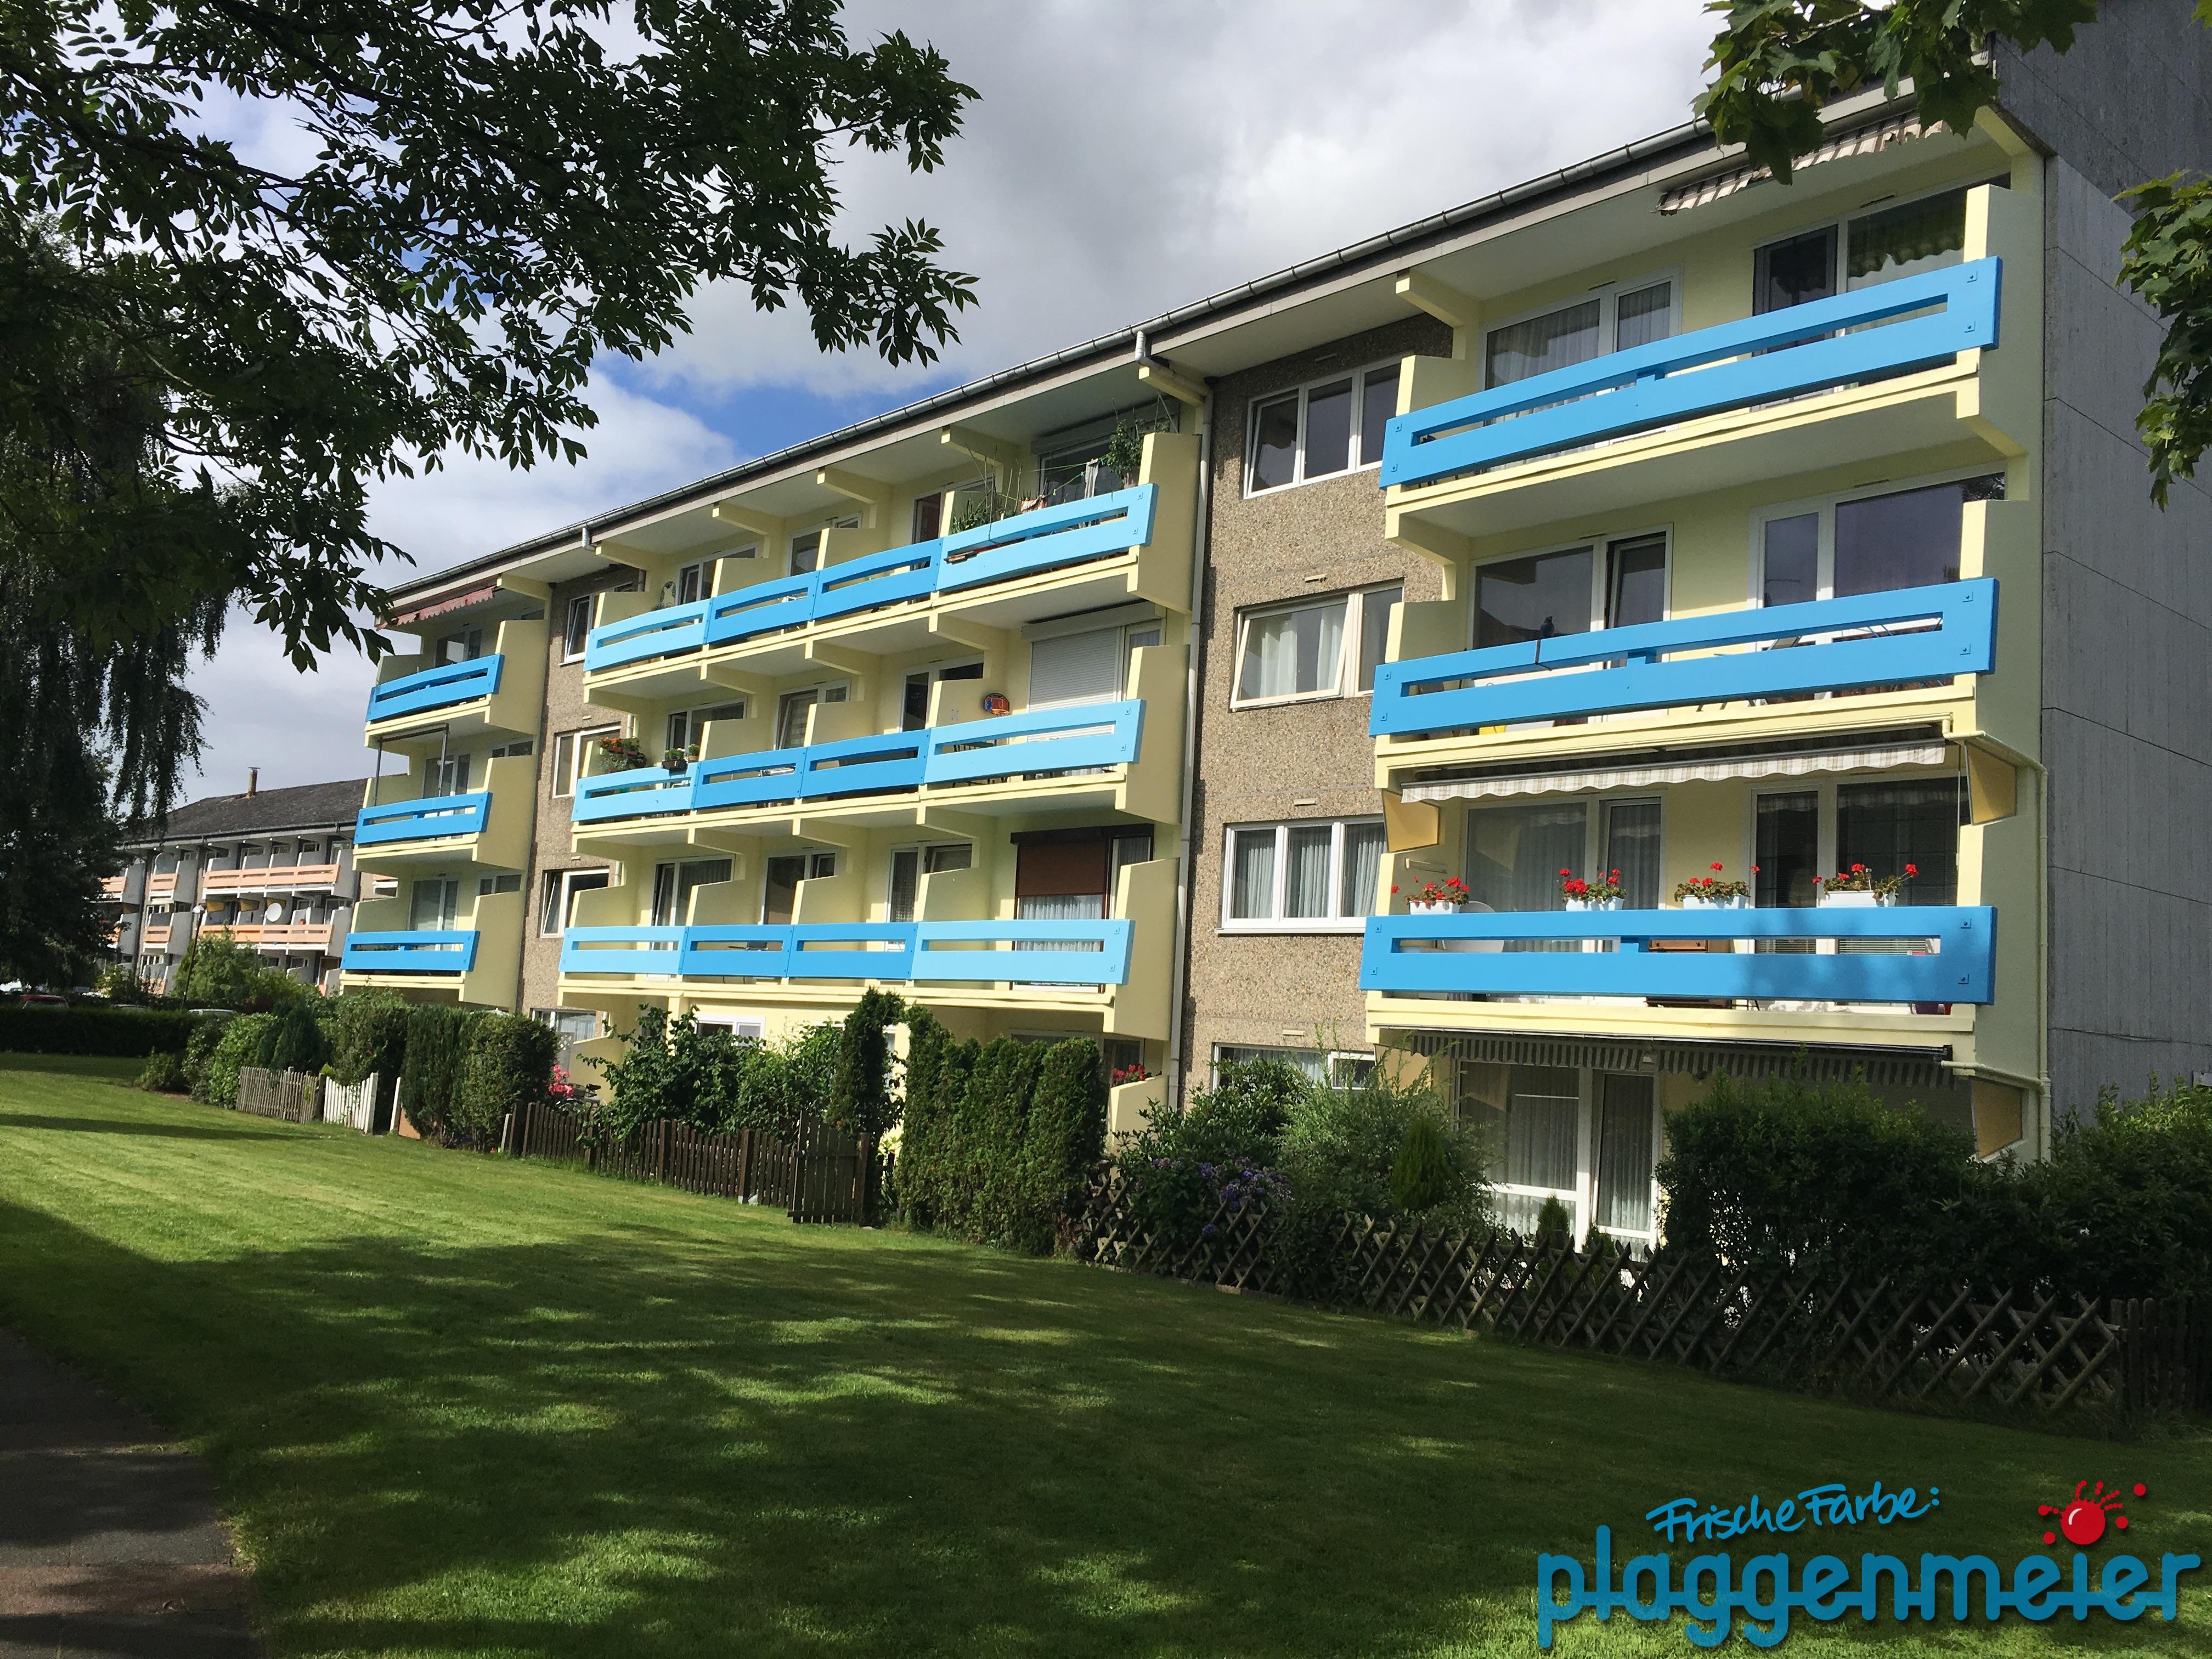 Fertig, Erster! So farbenfroh kann das Leben im Wohnblock aussehen, wenn die Malerarbeiten an der Fassade und die Betonsanierung an den Balkonen vom Wunschmaler aus dem Mein Maler Netzwerk ausgeführt wird.